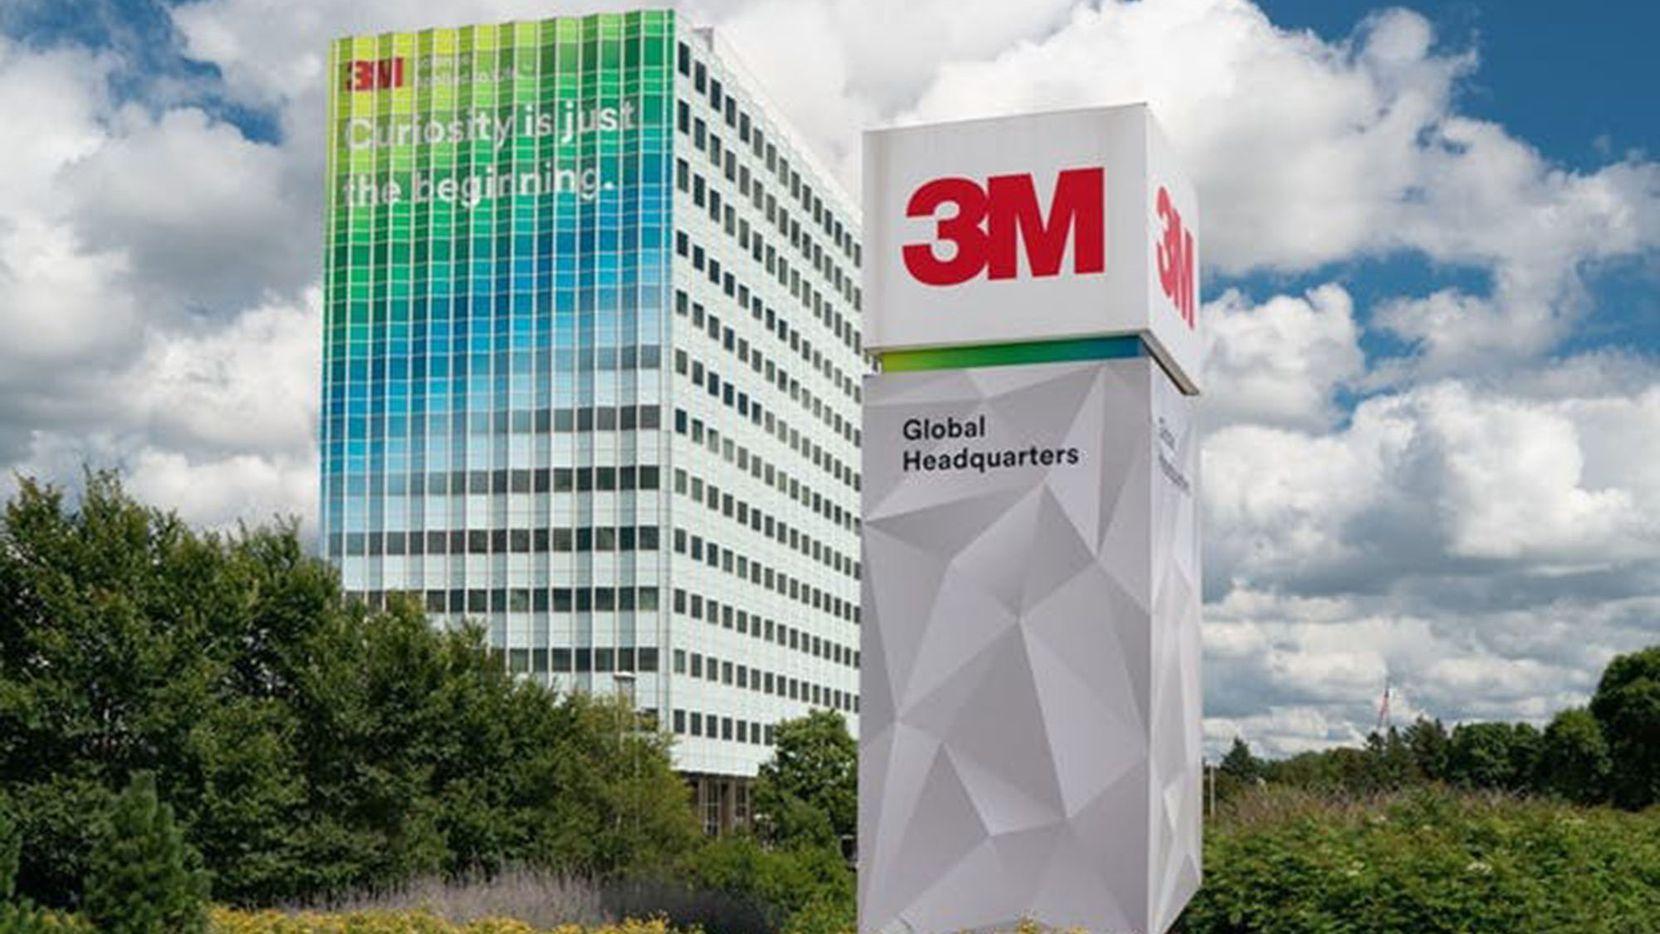 3M headquarters in Maplewood, Minn.